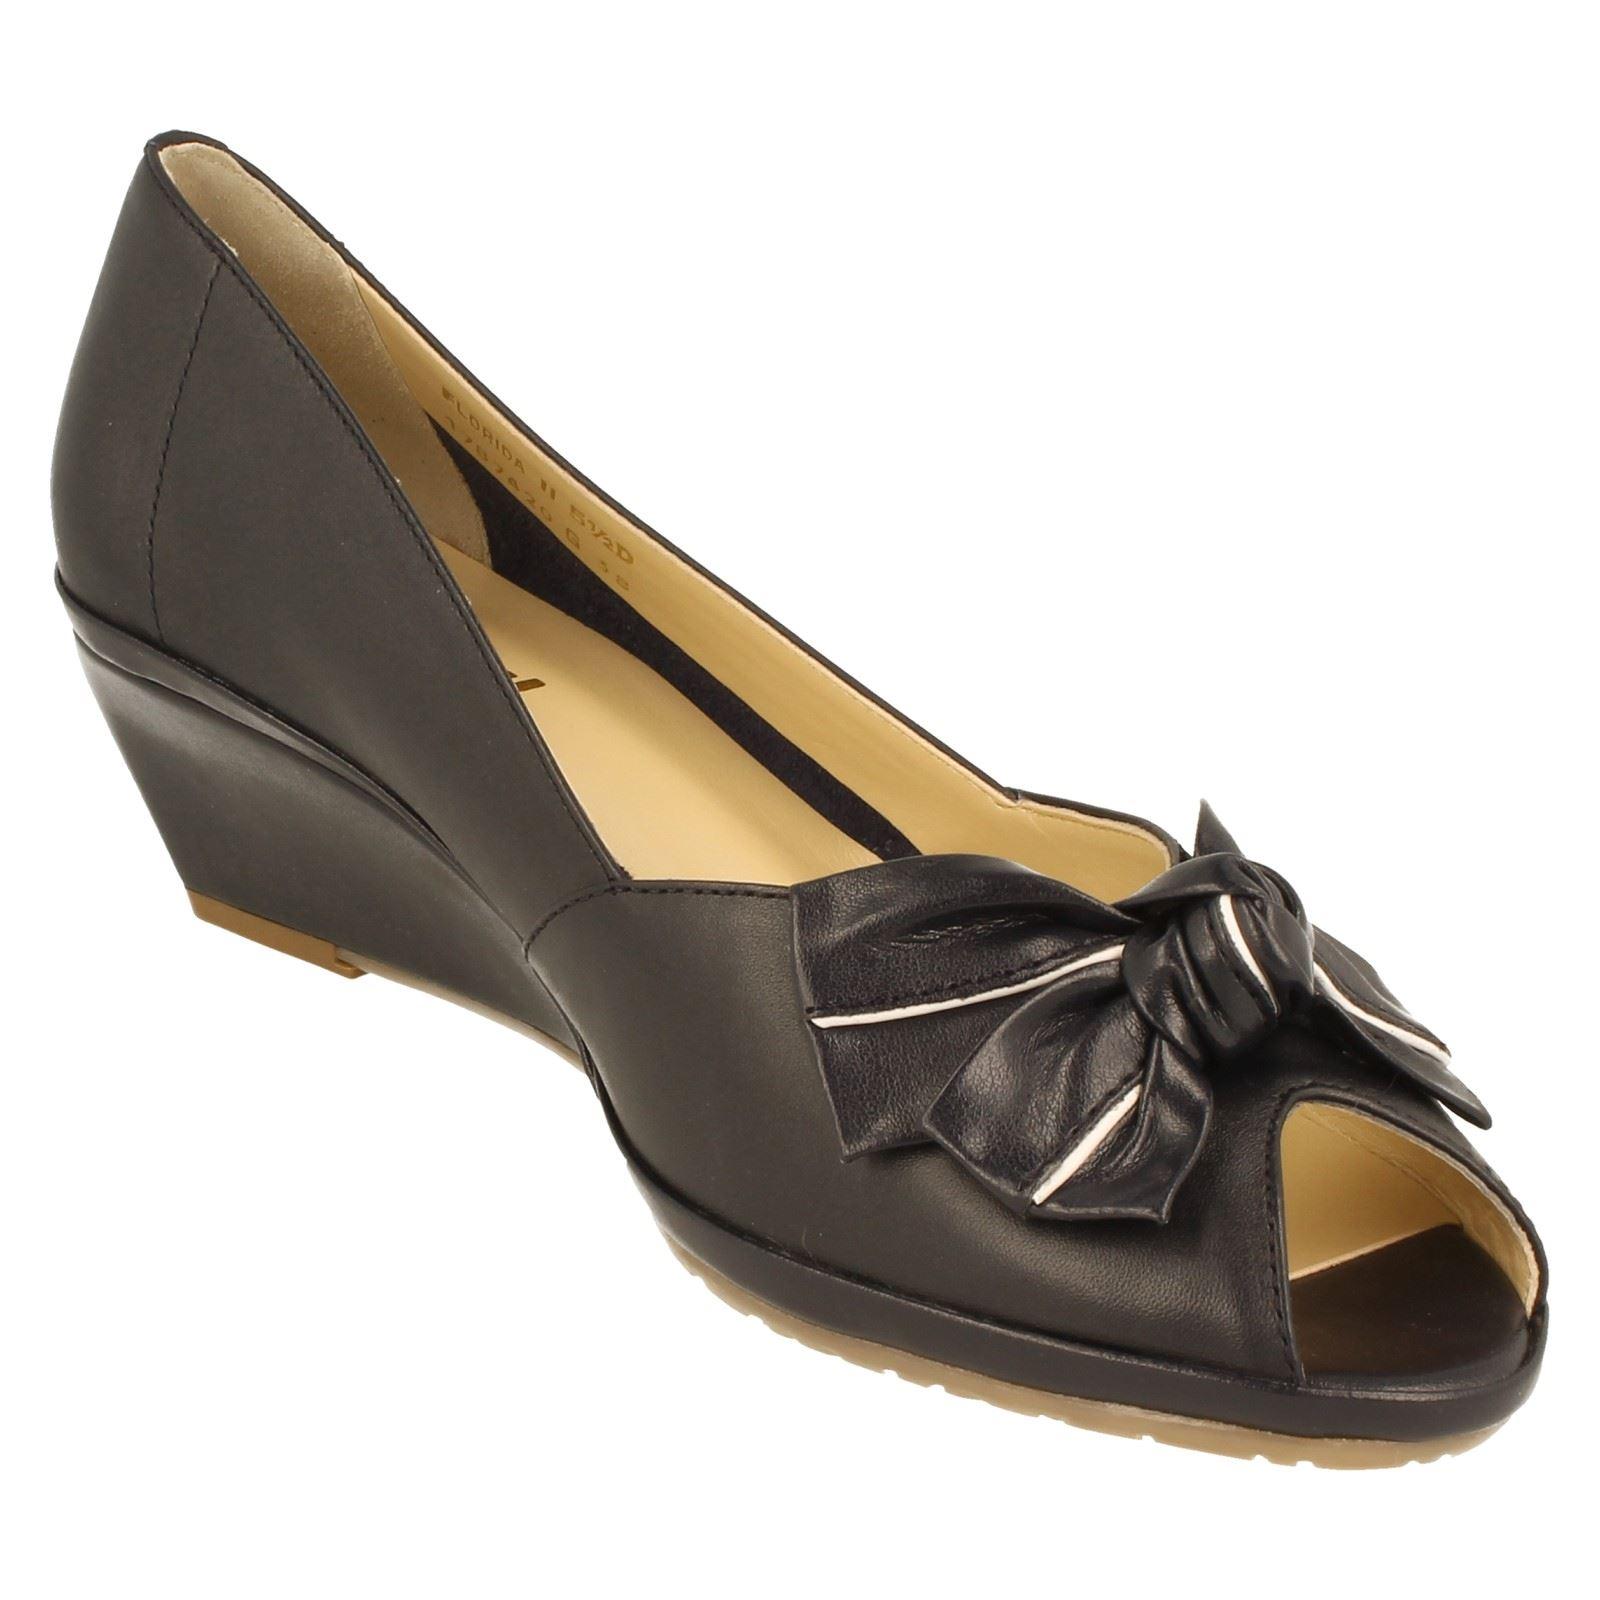 Van Dal coincée coincée coincée chaussure étiquette Florida II-w   En Ligne Outlet Store  d5ffd2